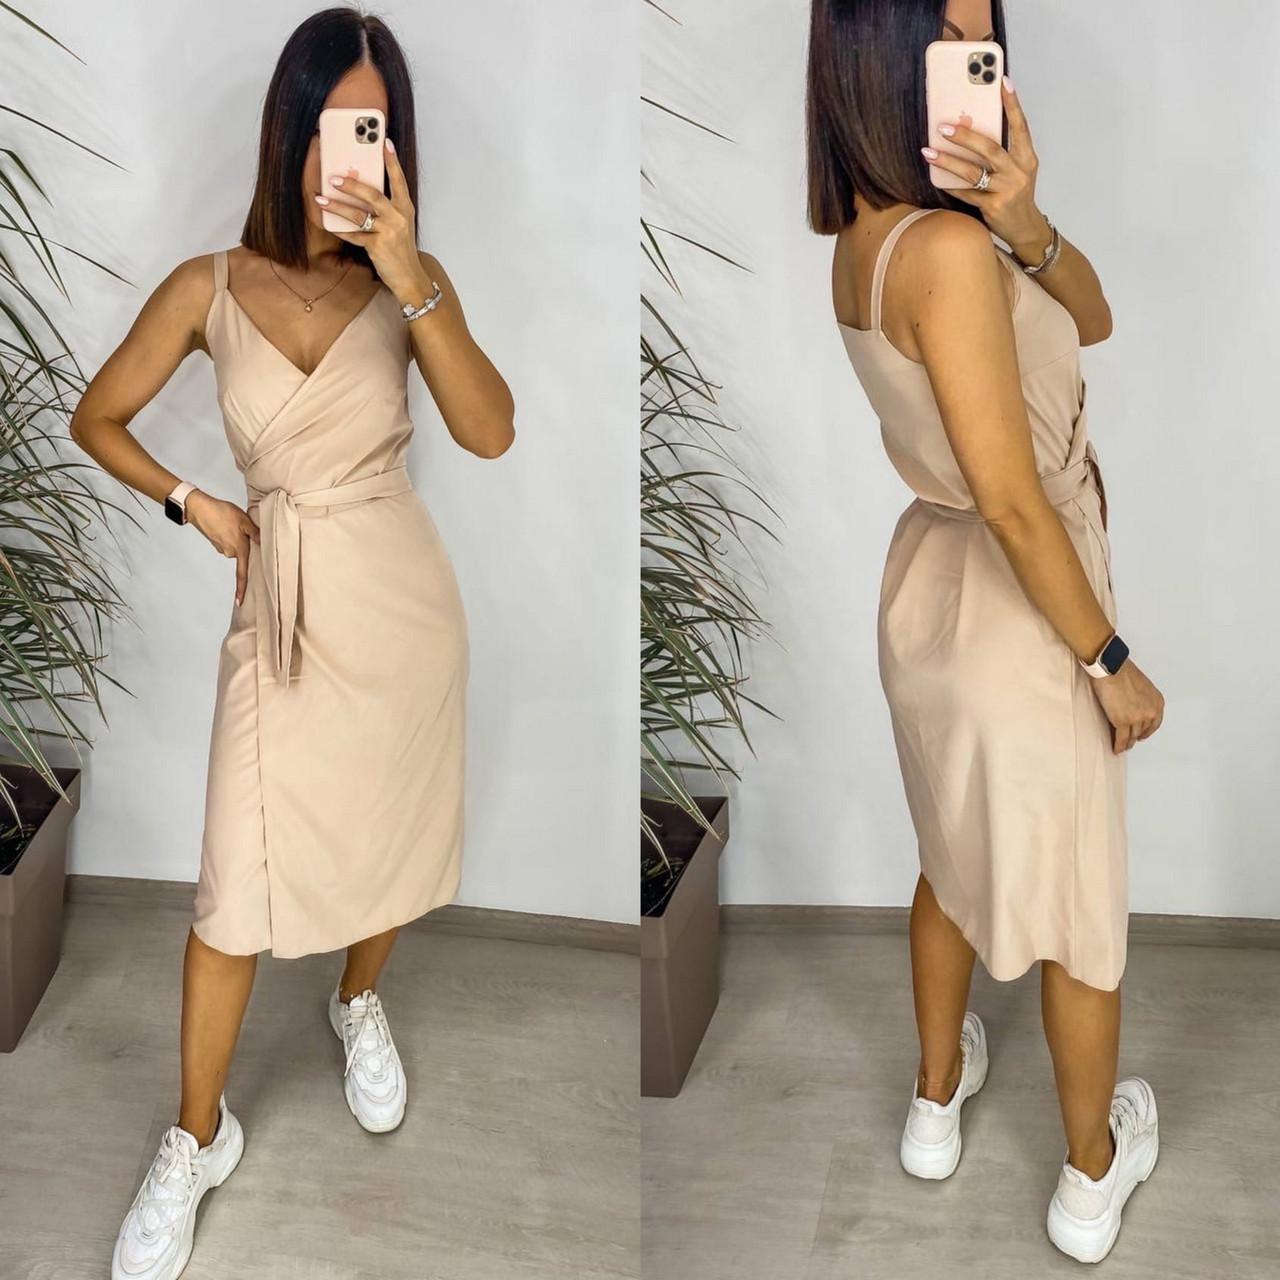 Сукня жіноча на запах нижче колін на бретелях, 01027 (Бежевий), Розмір 44 (M)